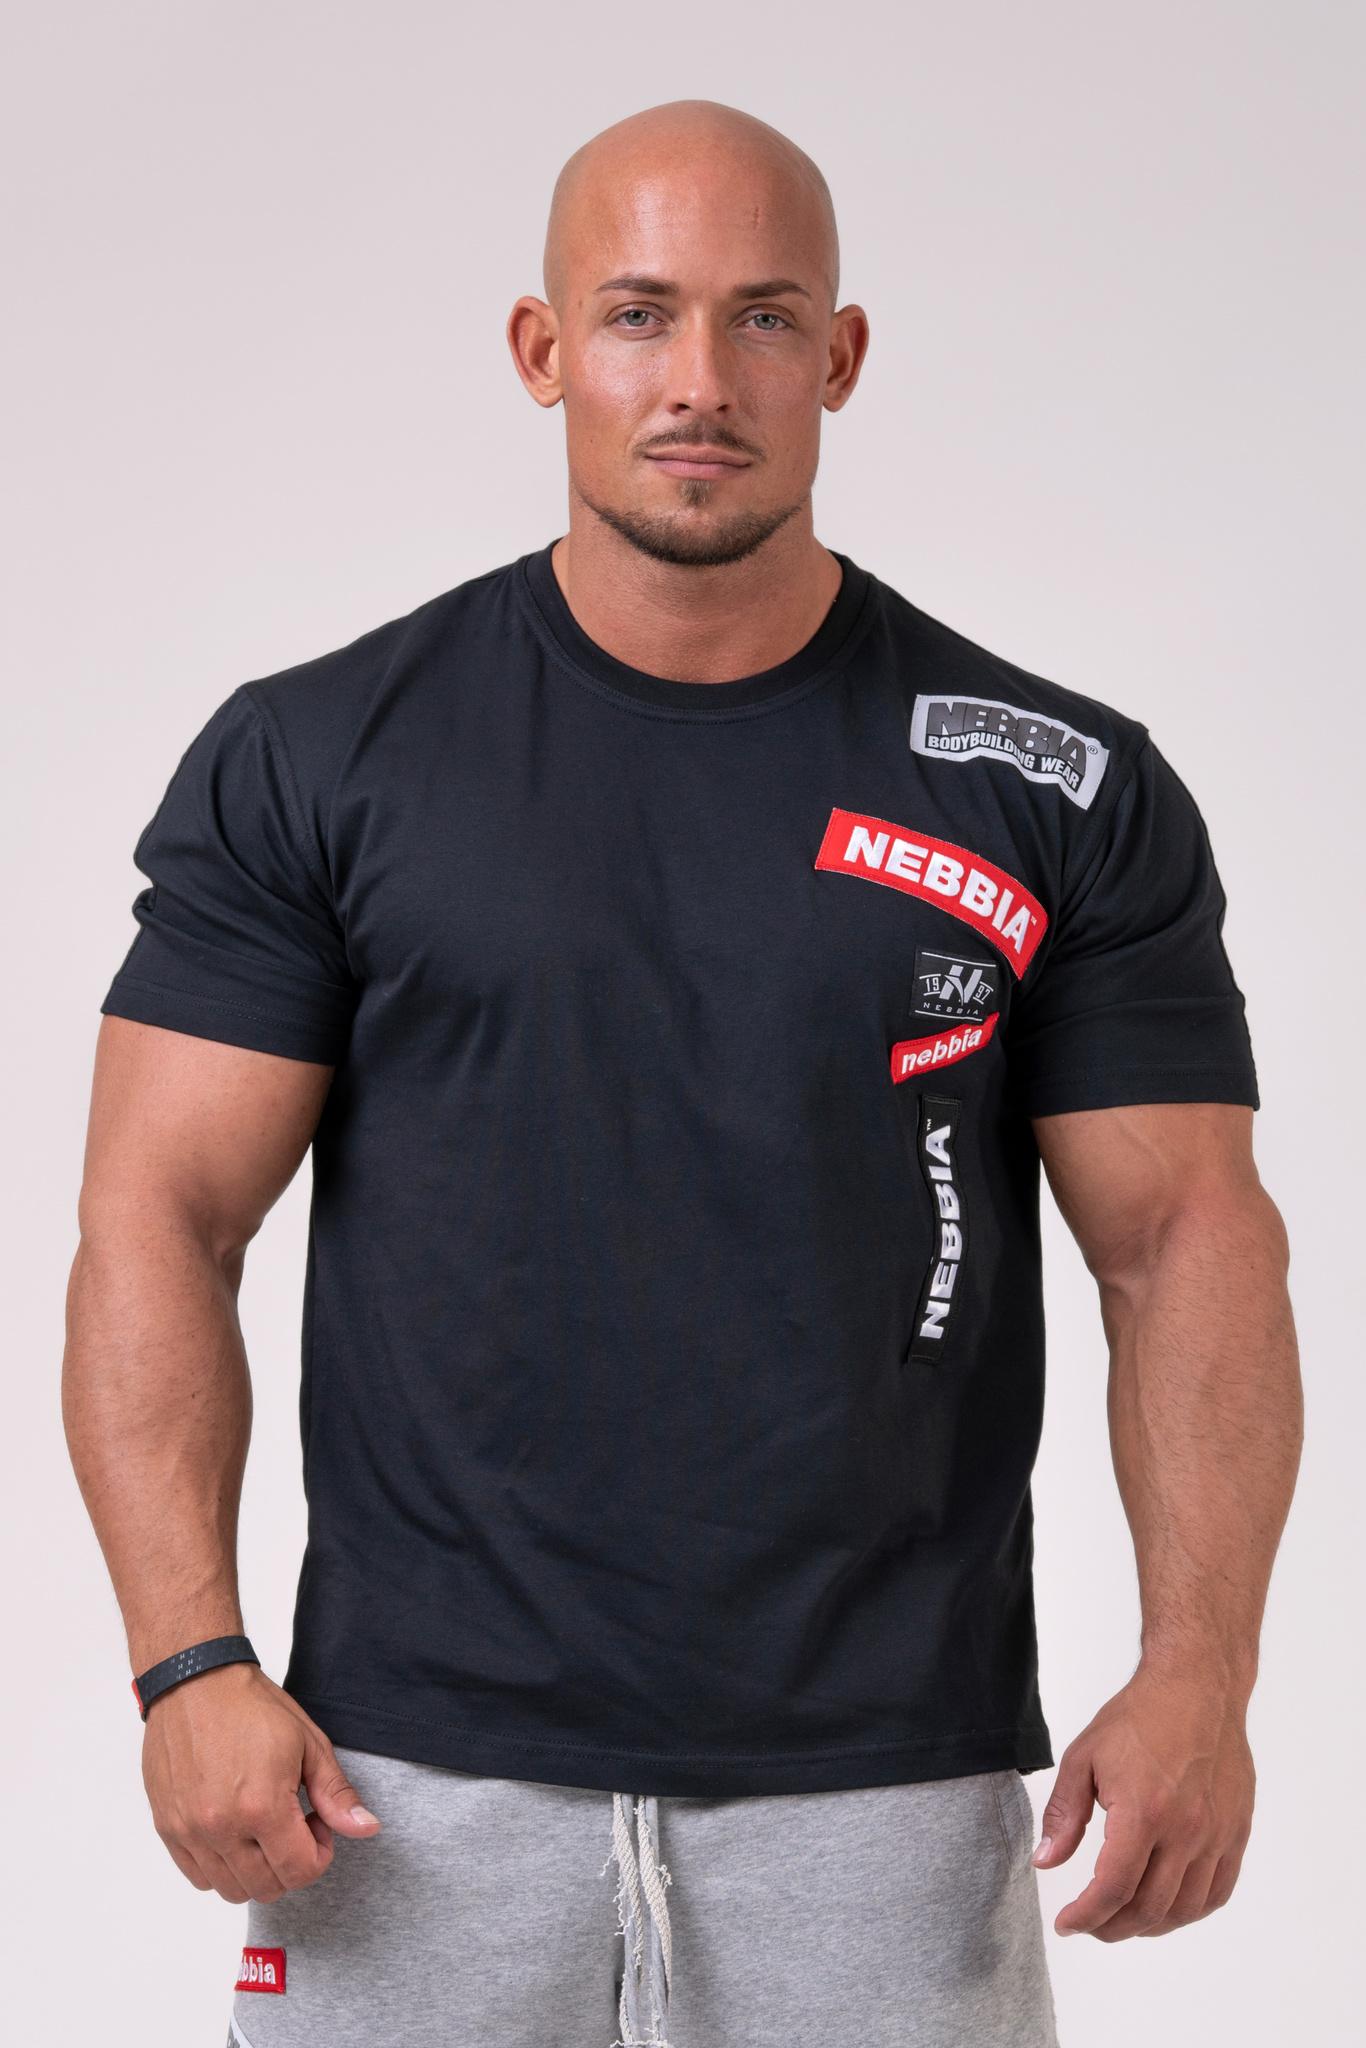 Мужская футболка Nebbia Labels T-shirt 171 black